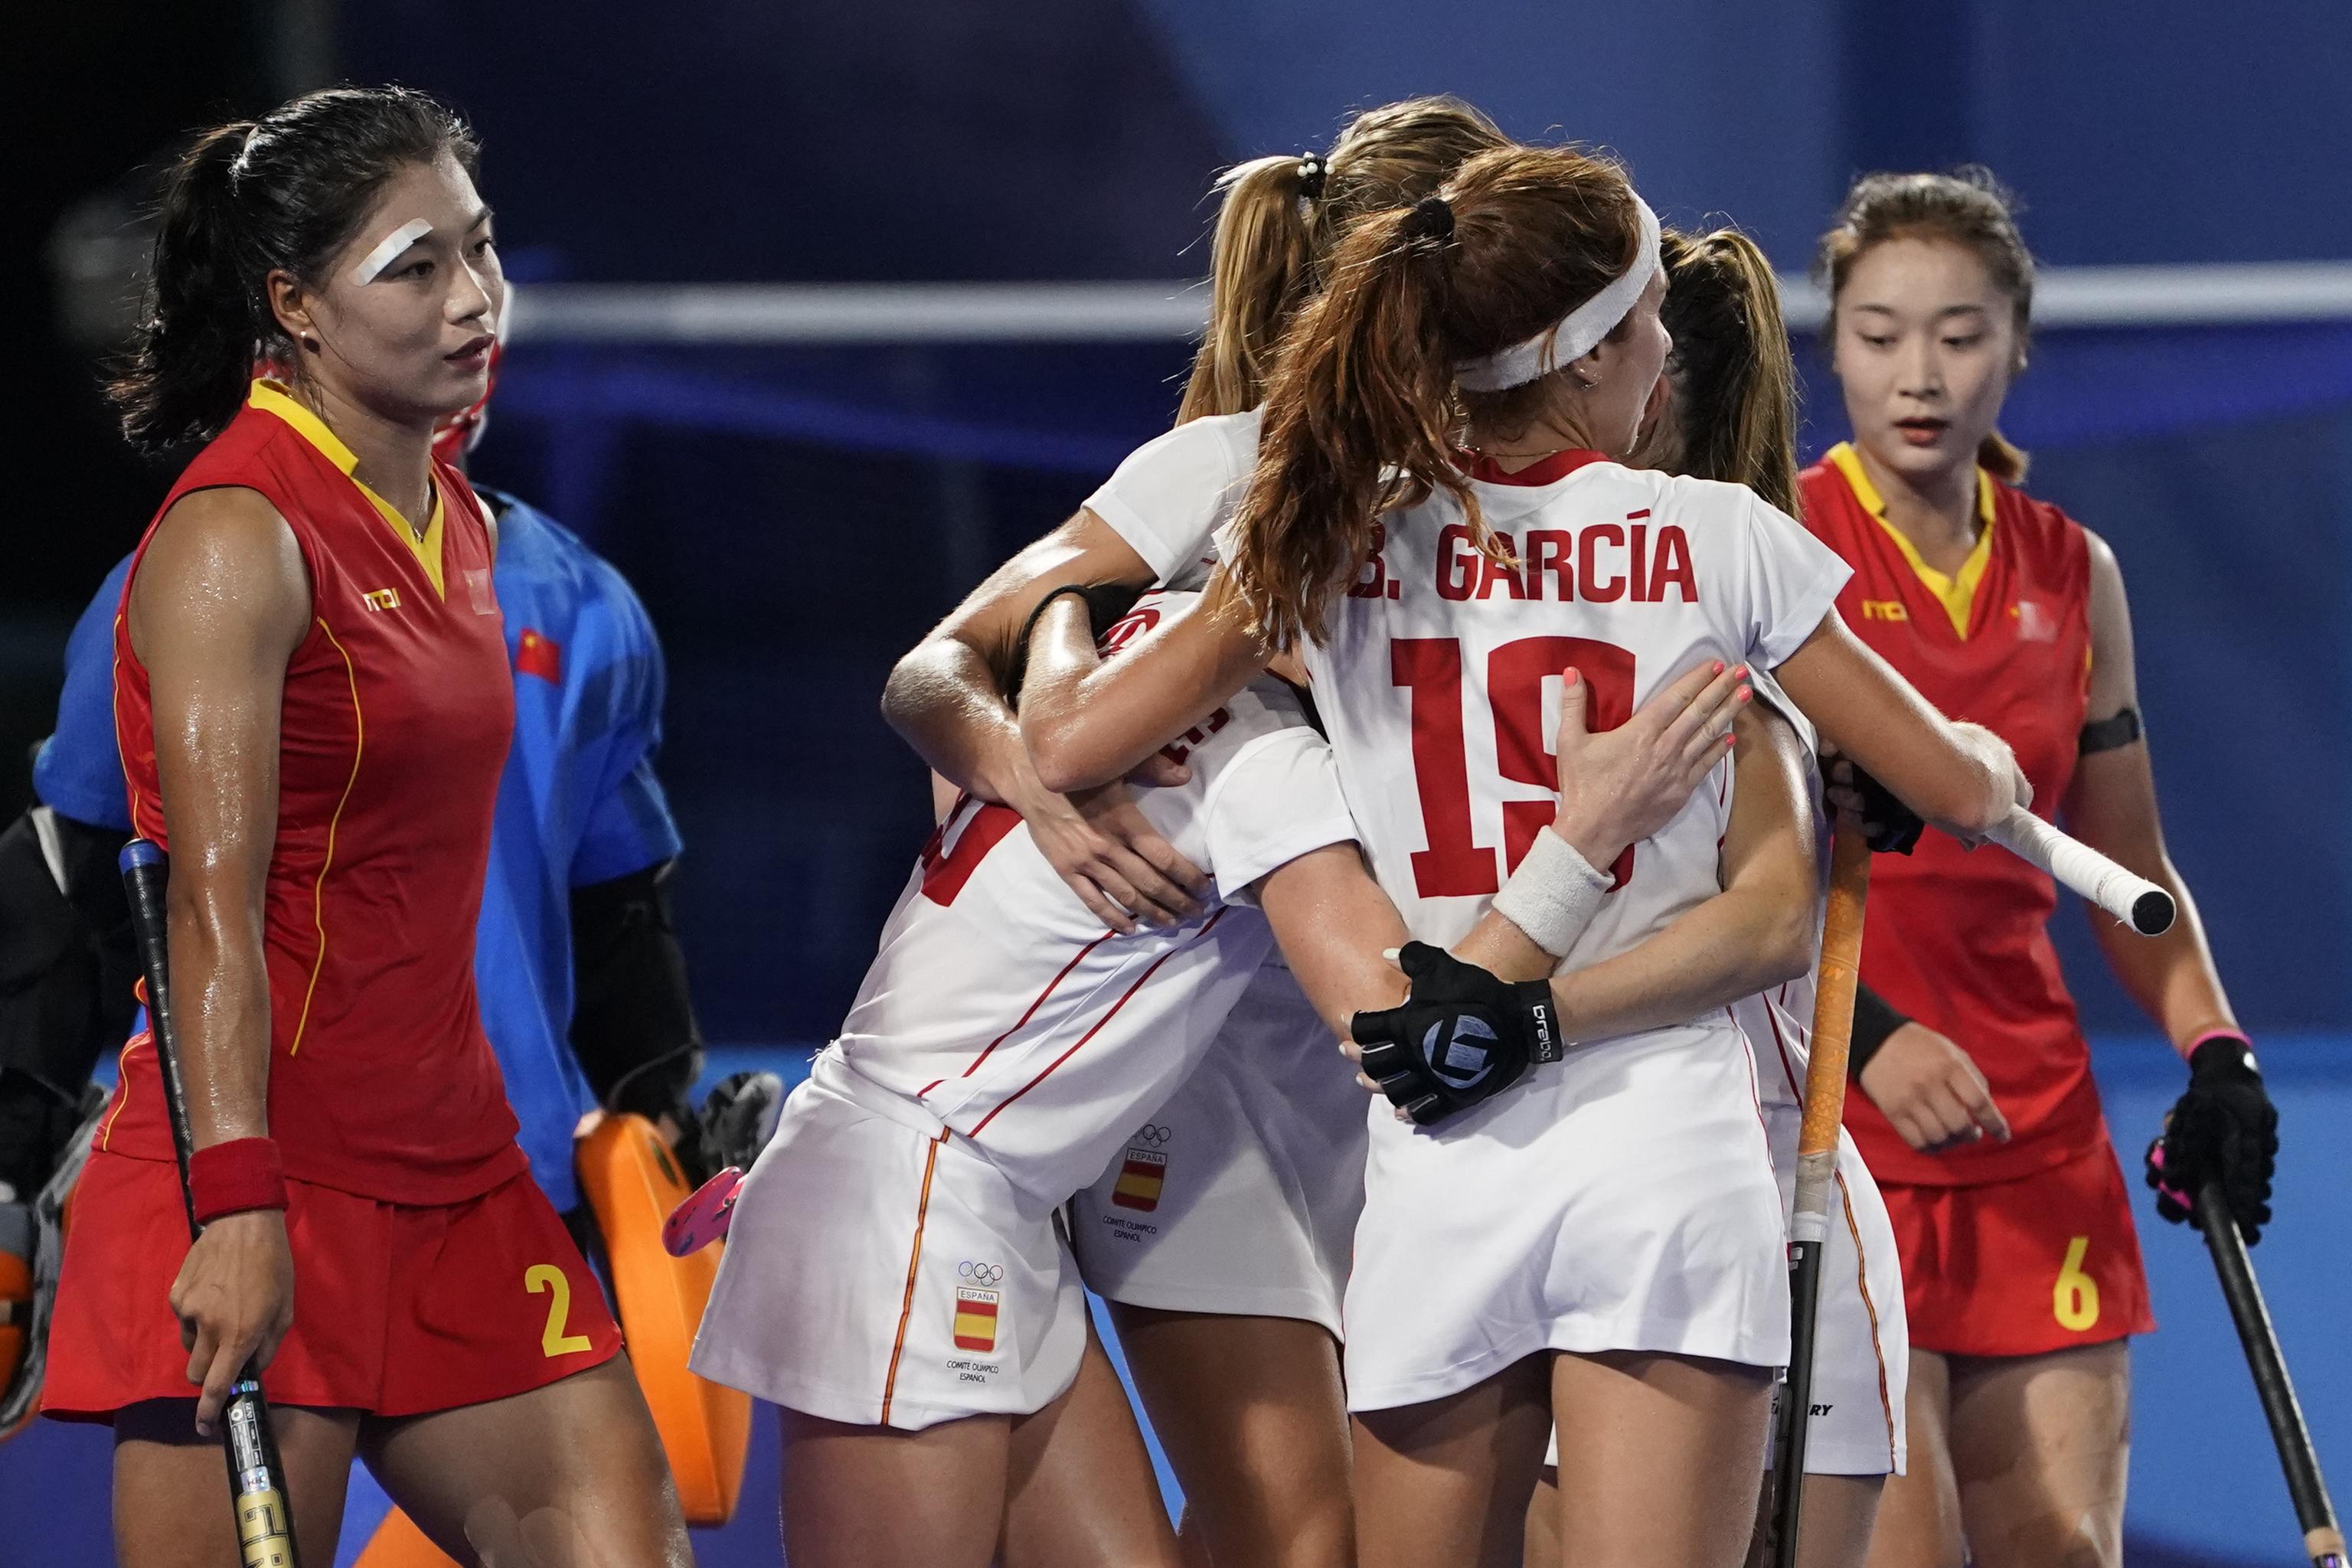 España China - hockey femenino - Juegos Olímpicos 2021 - Tokio 2020